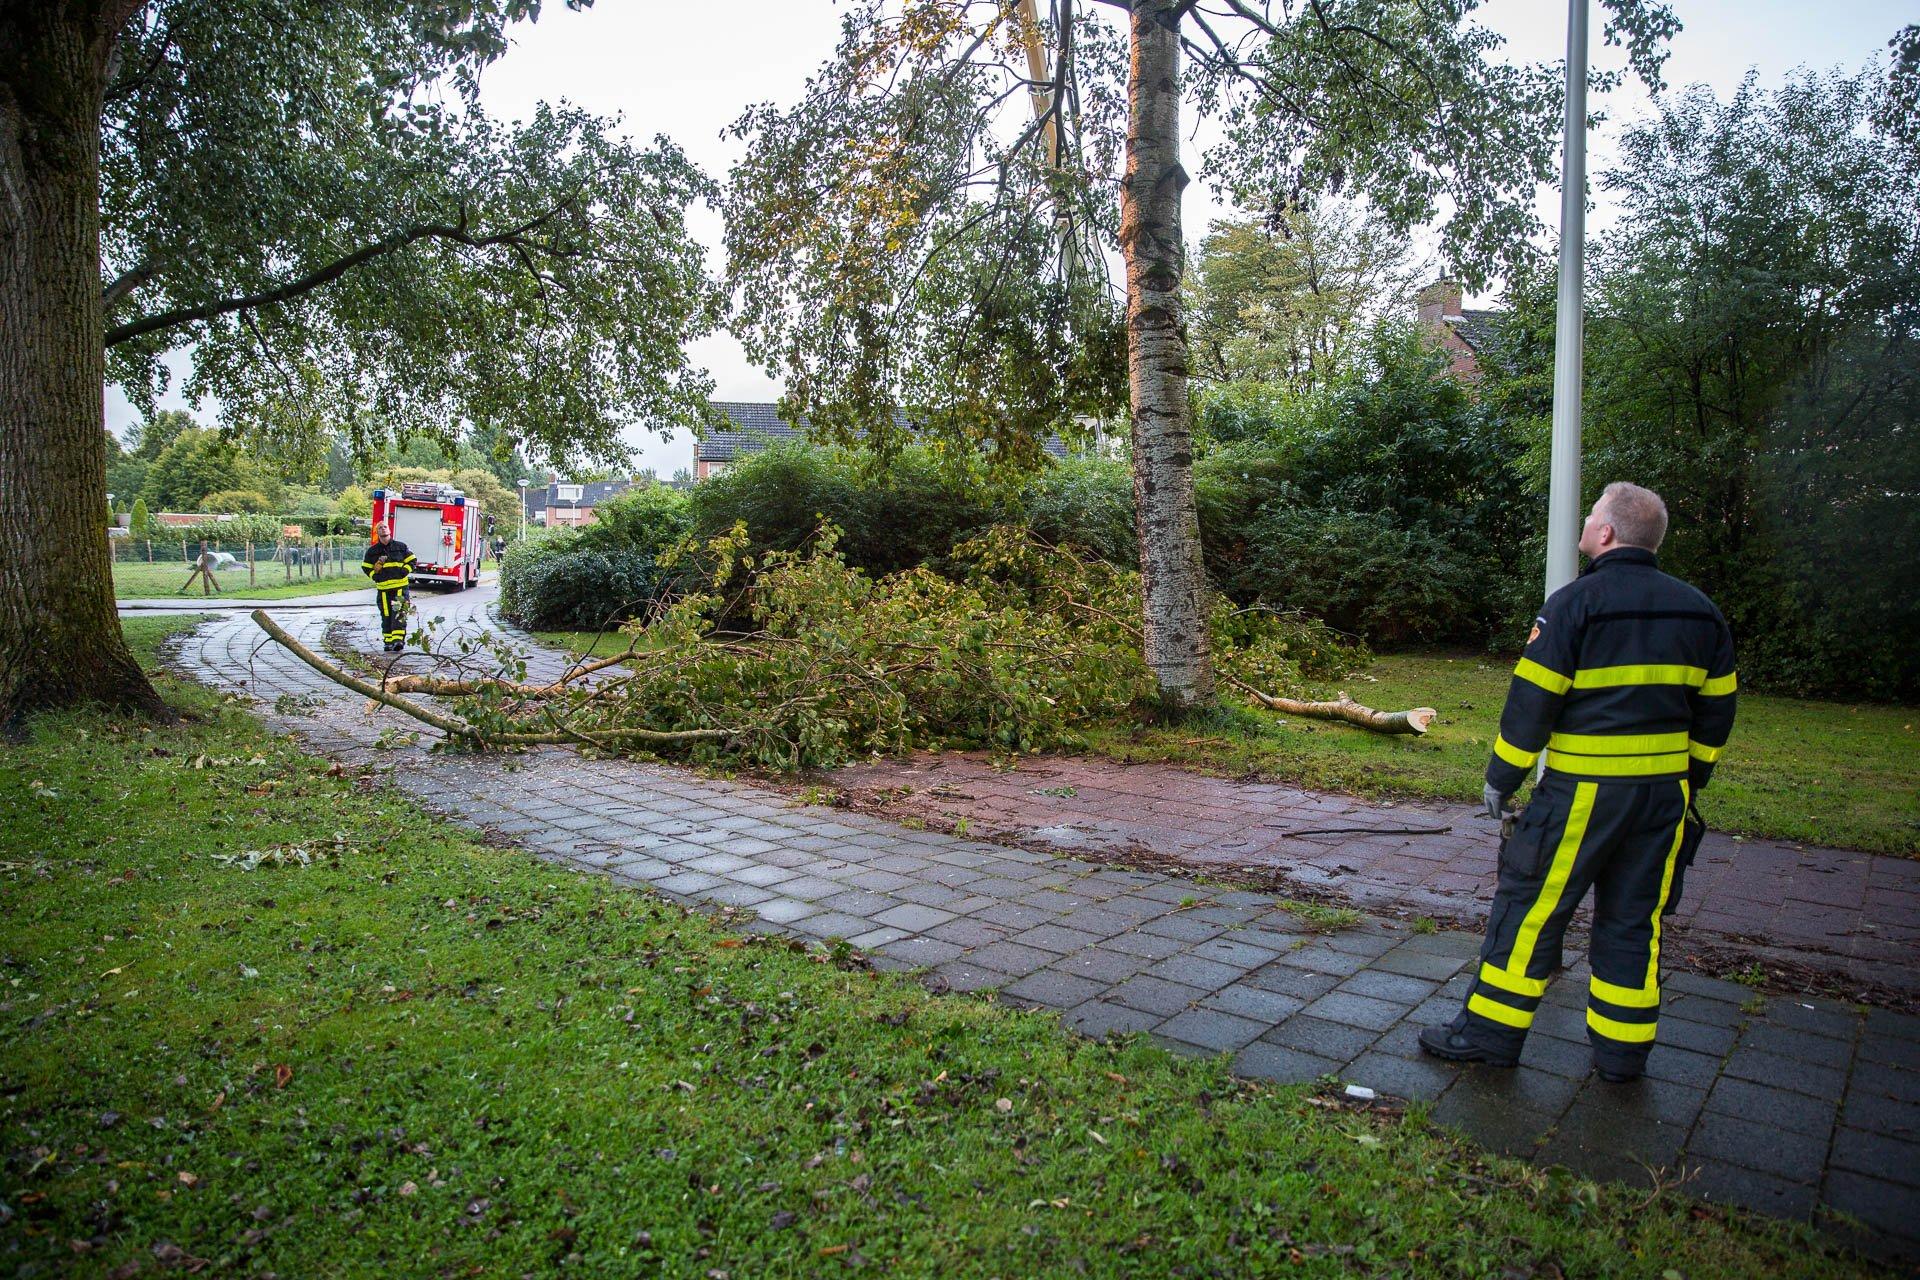 Brandweer verwijdert gevaarlijk hangende takken in Roosendaal